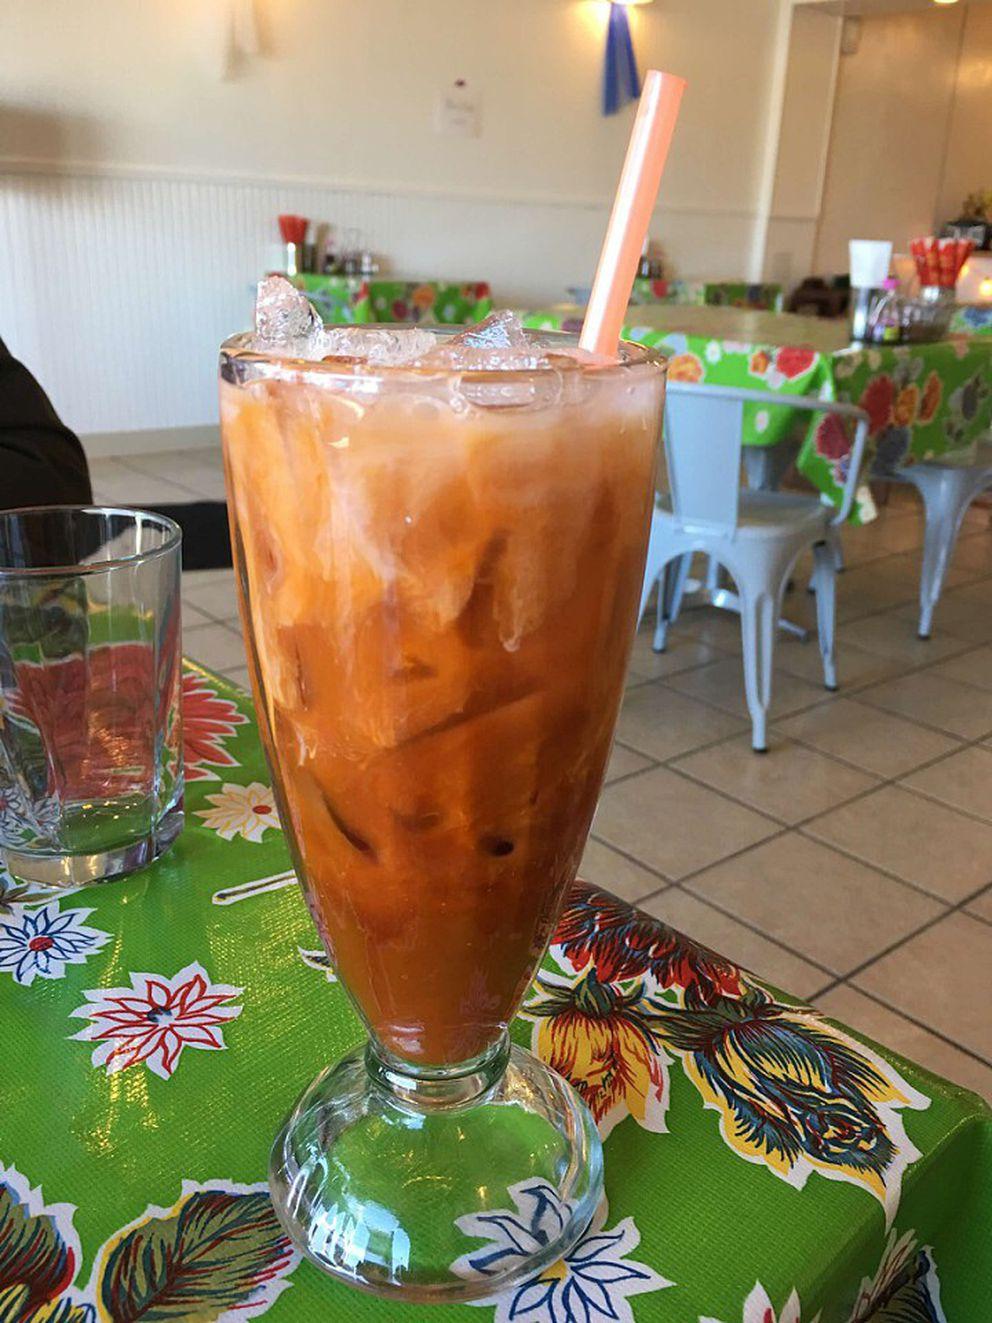 Thai iced tea at So Thai in Anchorage (Photo by Mara Severin)